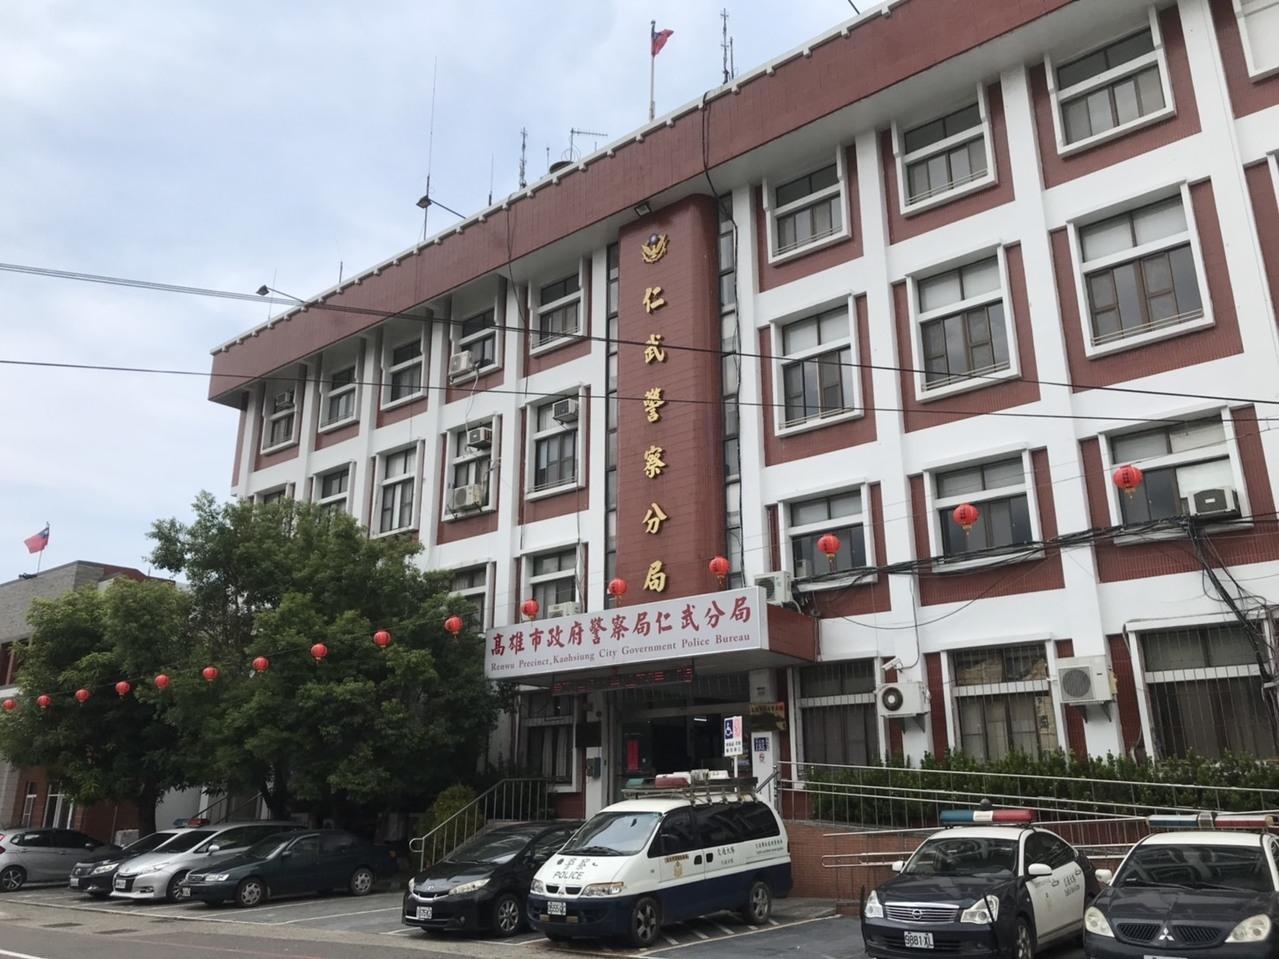 高雄鳥松豪宅搶案出現重大突破,警方逮捕兩名嫌犯。記者徐白櫻/攝影